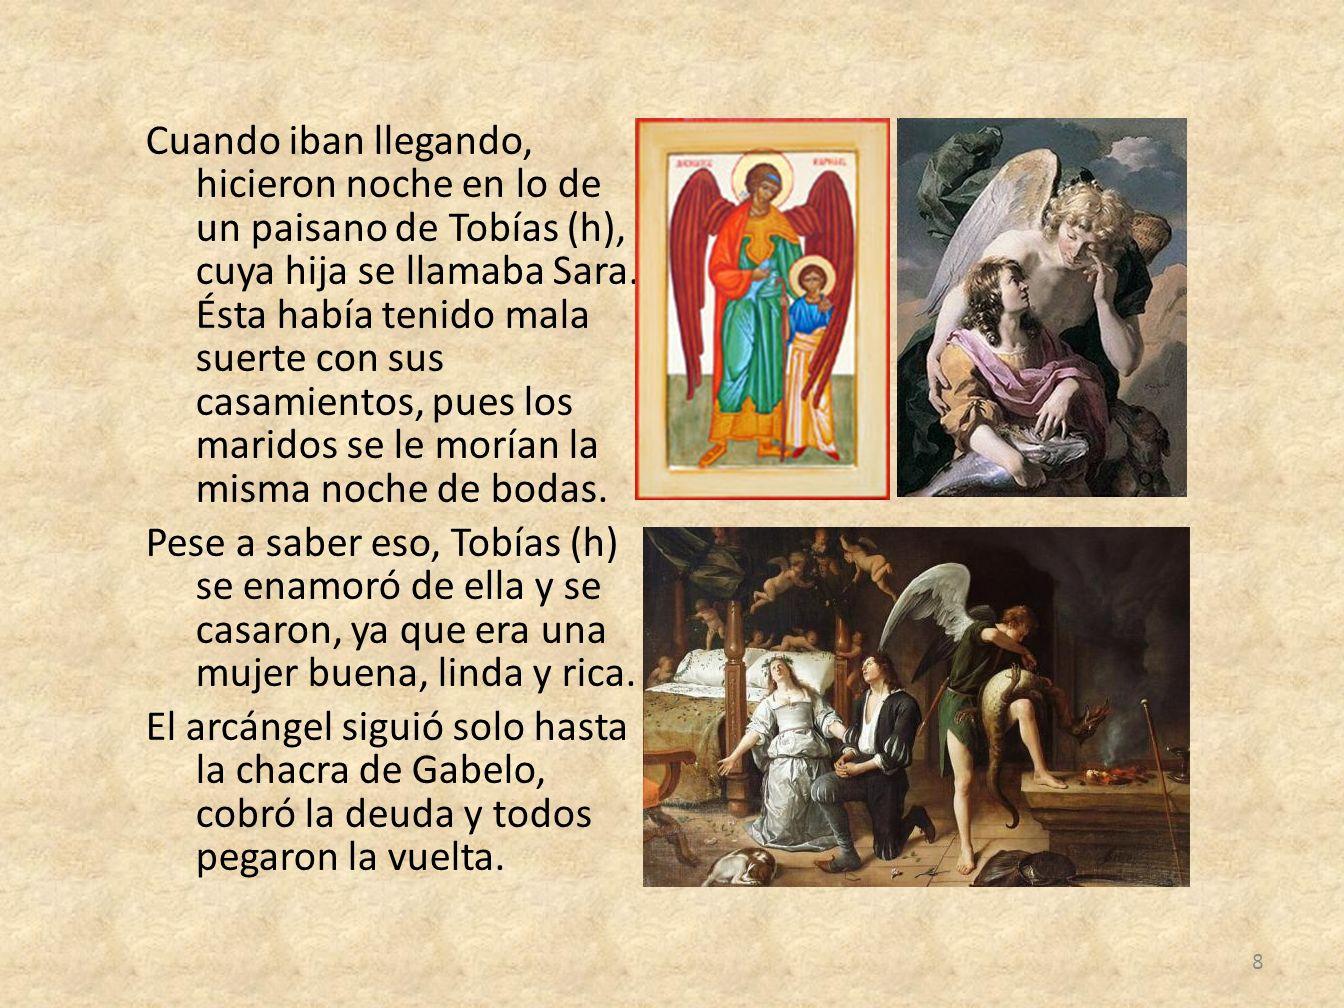 Cuando iban llegando, hicieron noche en lo de un paisano de Tobías (h), cuya hija se llamaba Sara.